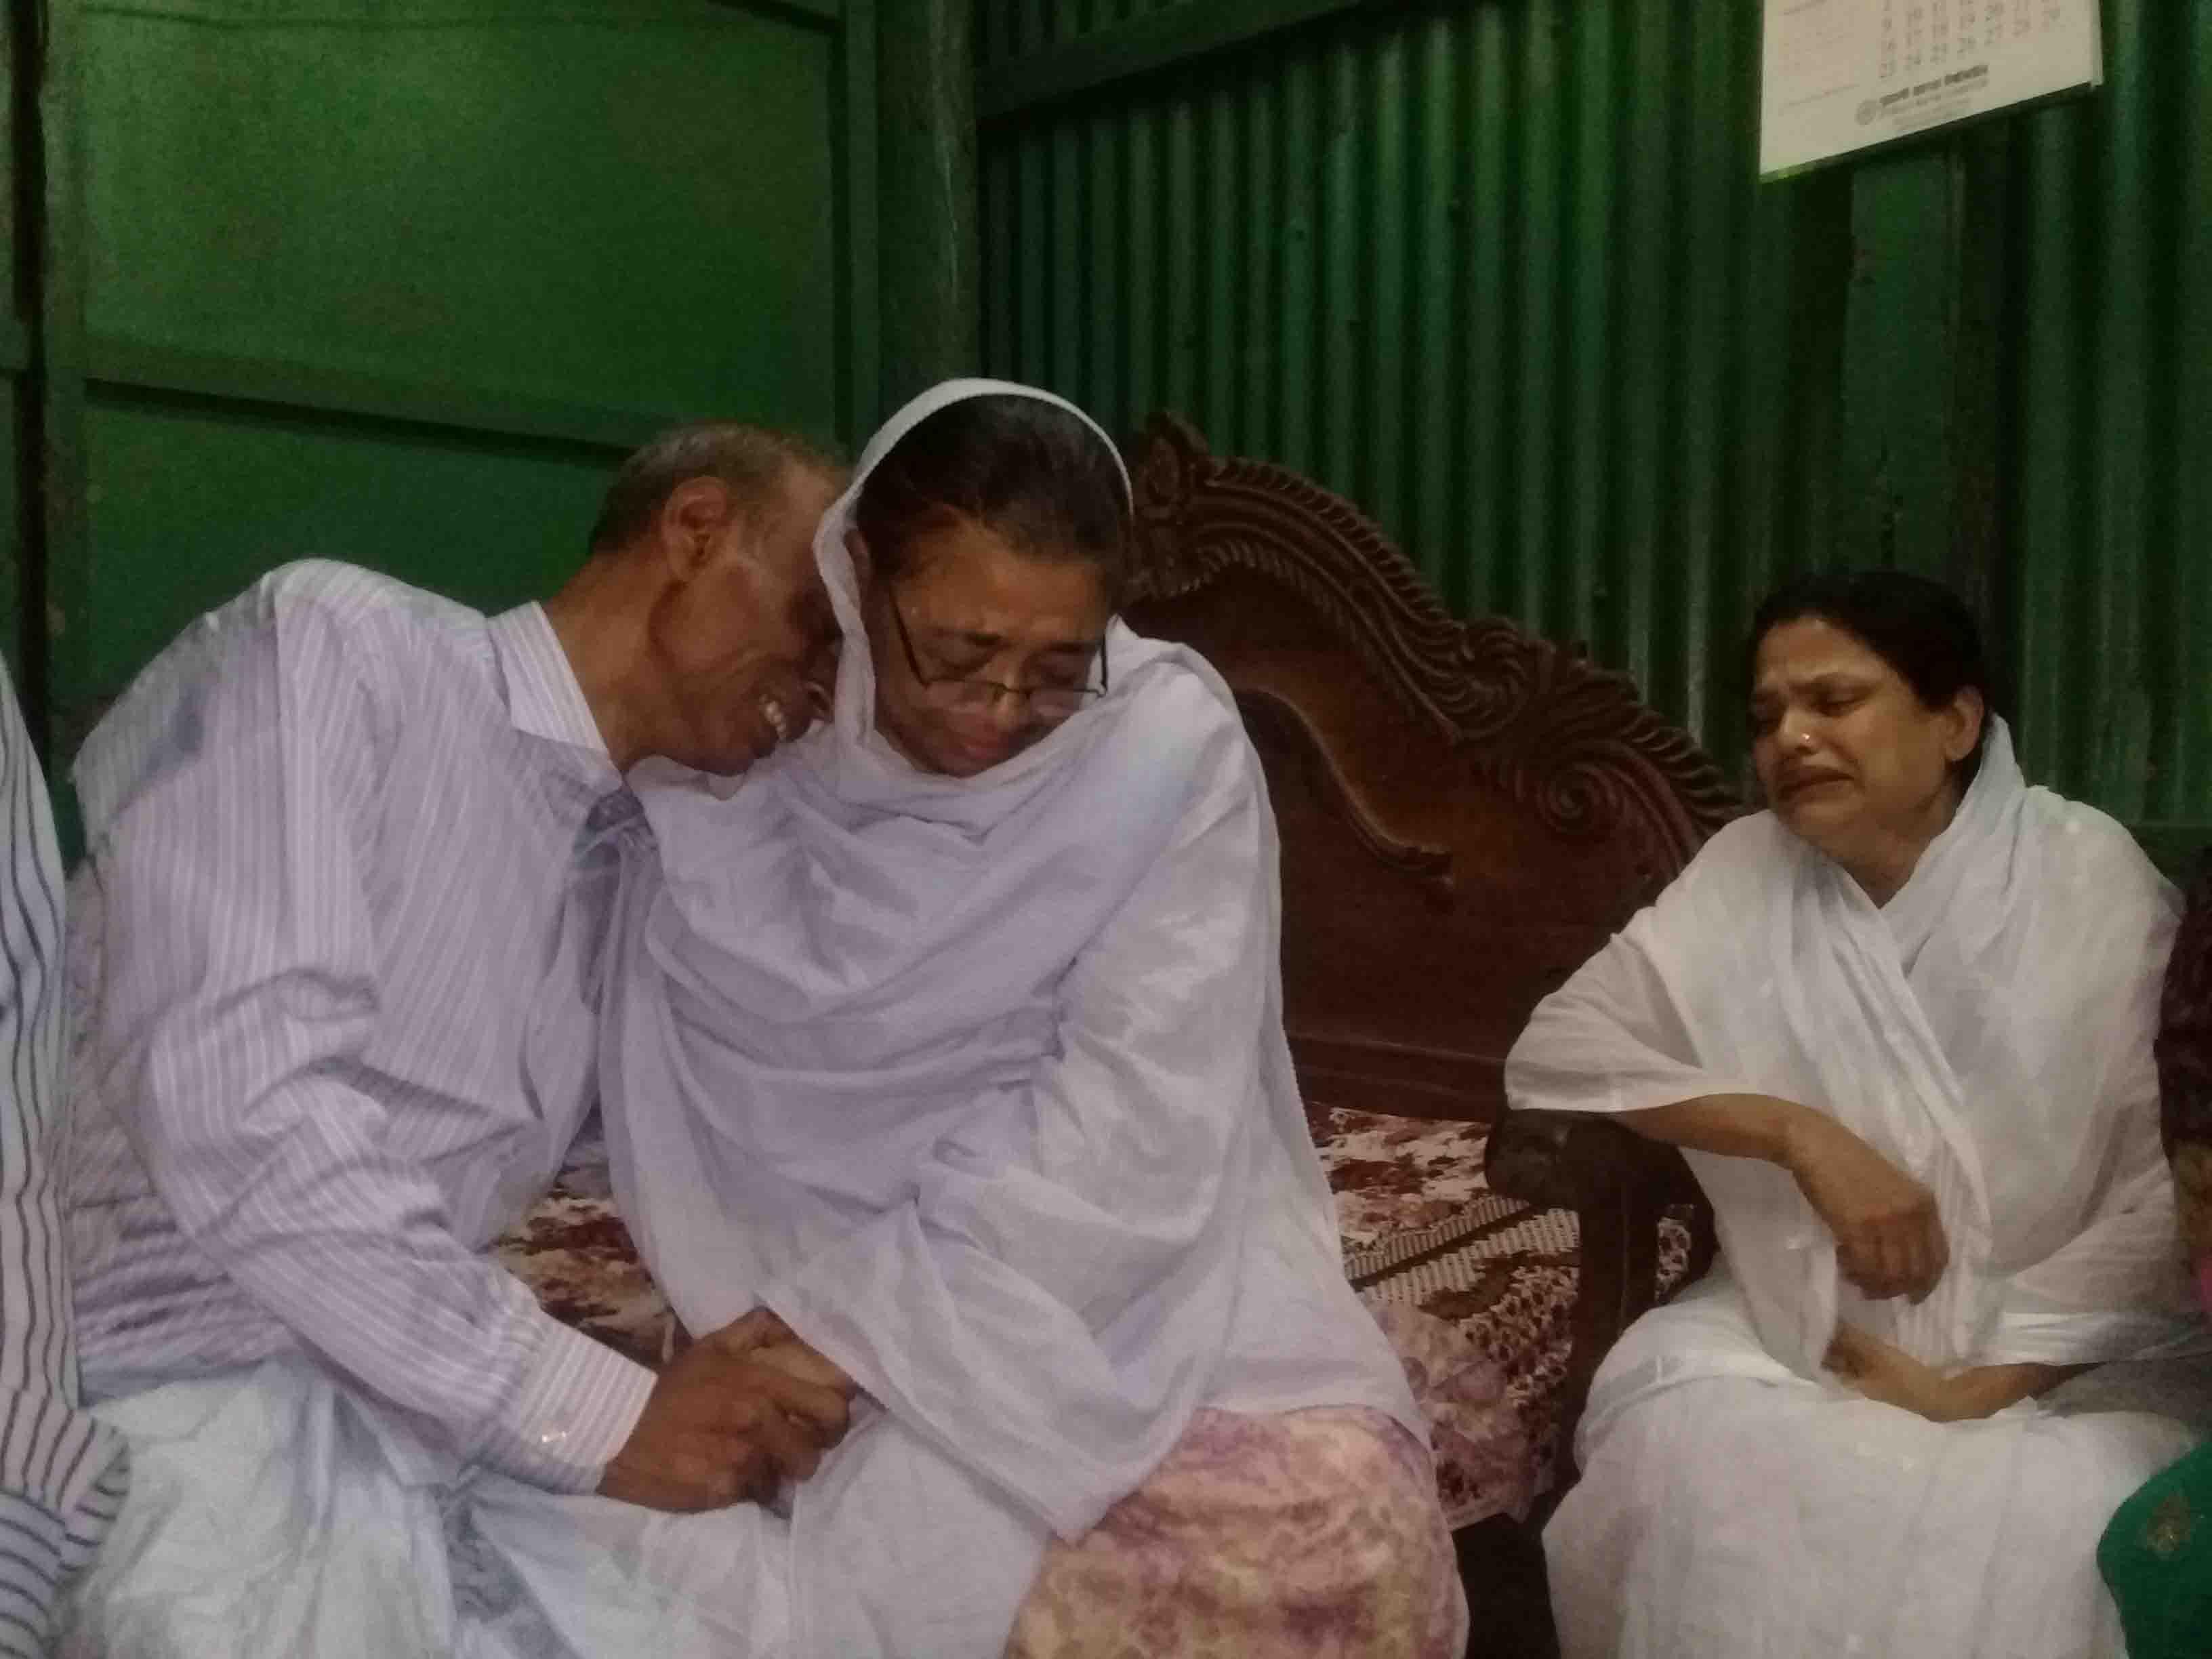 জোহরা আলাউদ্দিন এমপিকে পেয়ে কান্নায় ভেঙ্গে পড়লেন  শোকাহত পরিবার